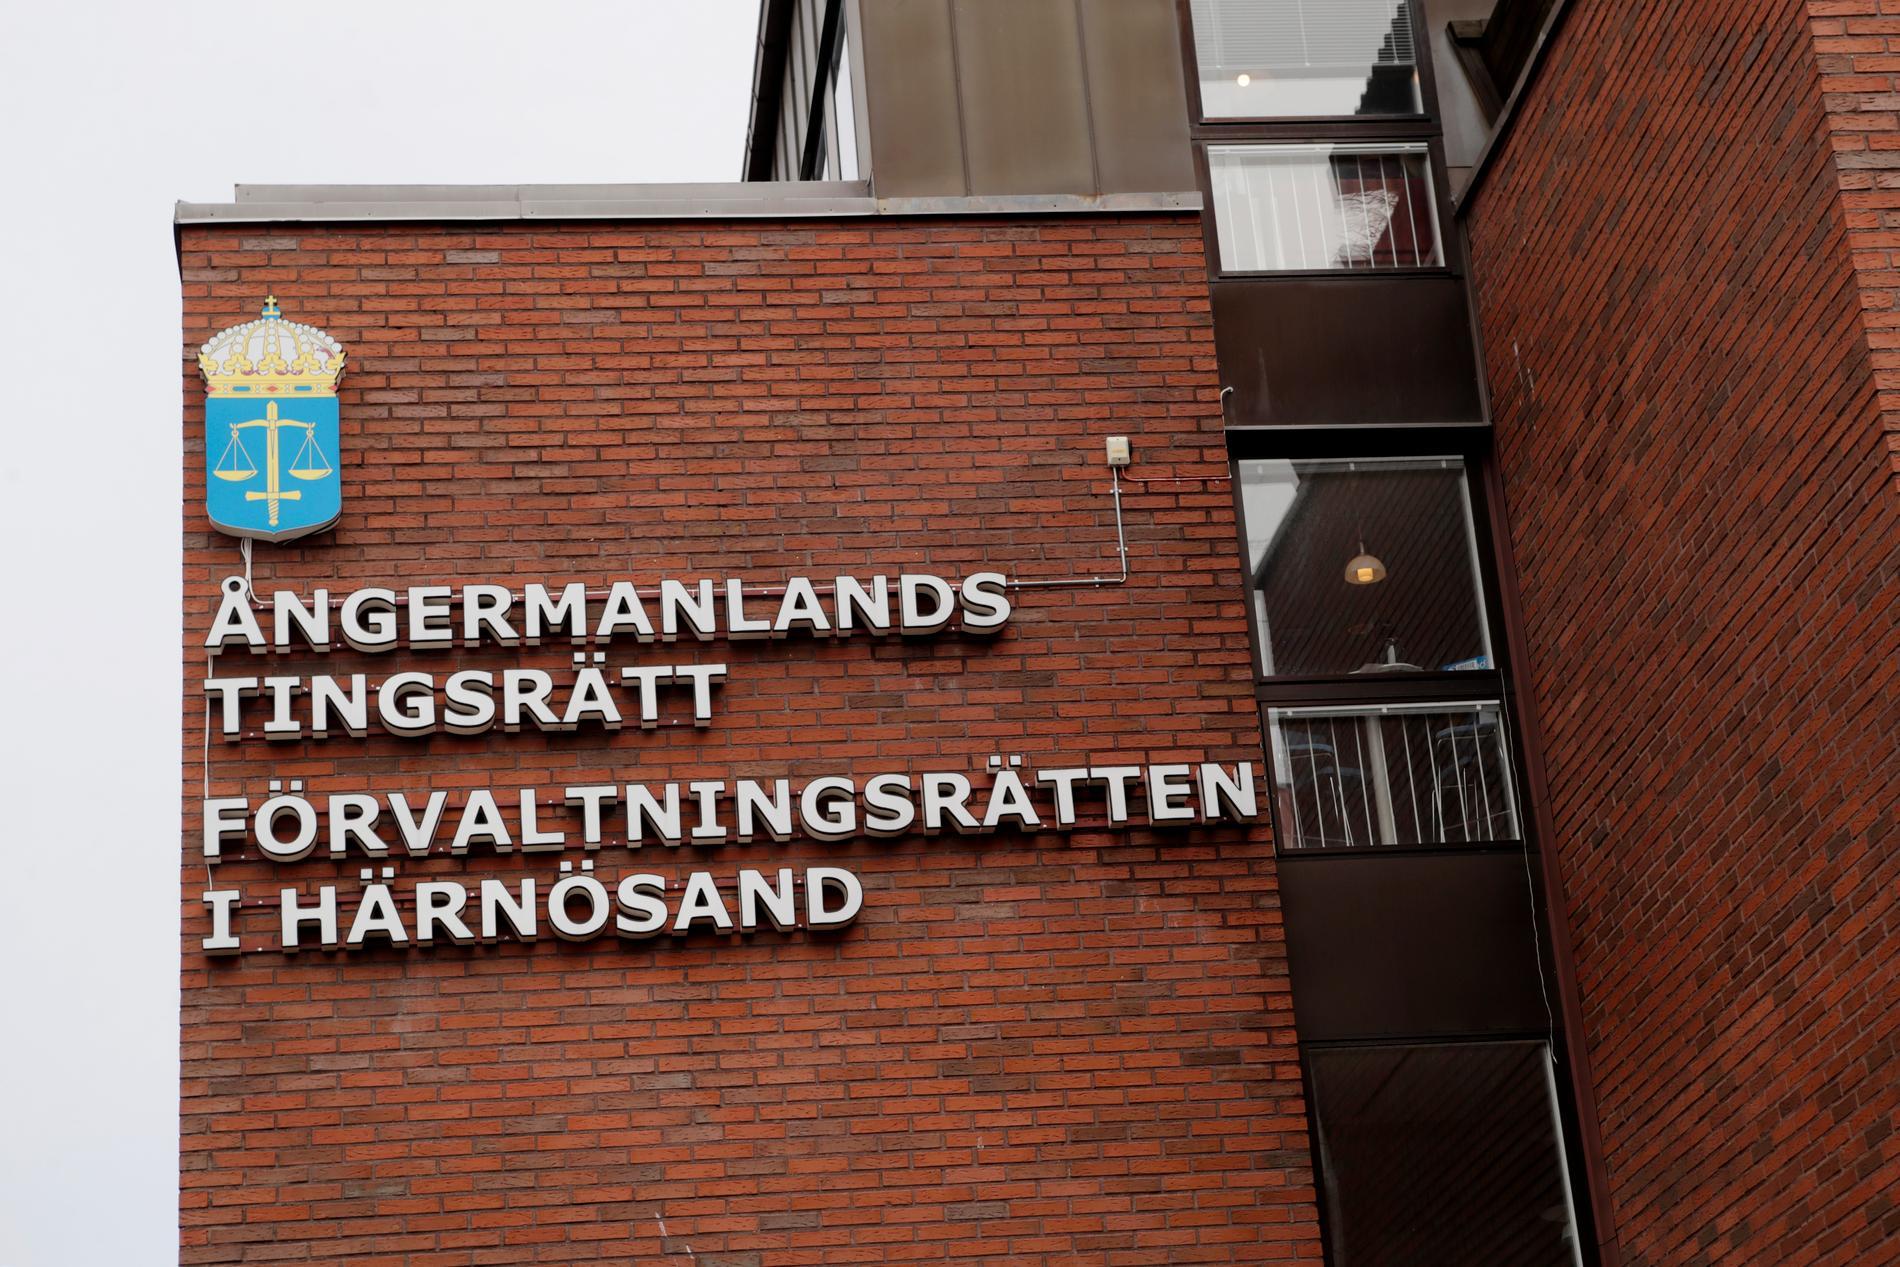 En mordmisstänkt kvinna häktades av Ångermanlands tingsrätt under måndagen. Arkivbild.